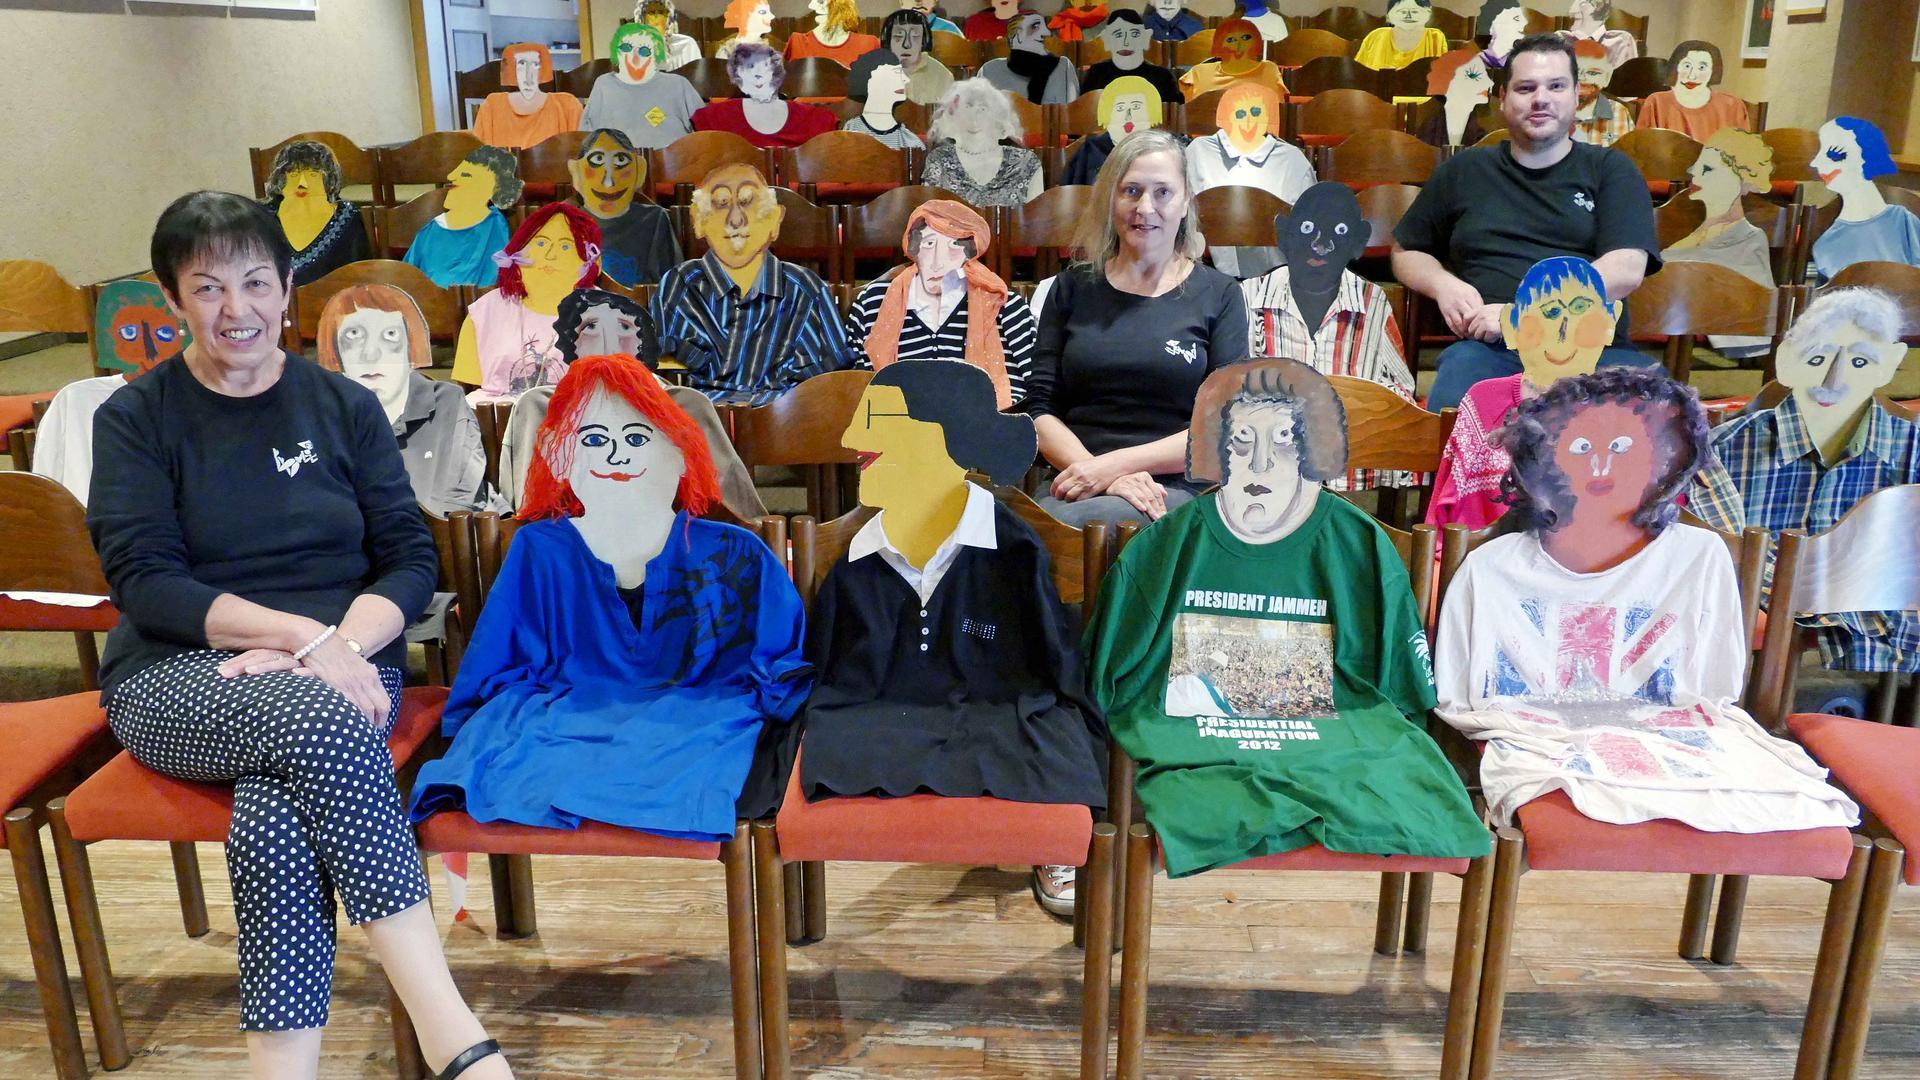 Mehrere Stühle sind in Reihen aufgestellt, auf ihnen sitzt das Publikum: Zwischen mehreren Papp-Figuren sitzen drei echte Menschen, einige Stühle bleiben auch frei.